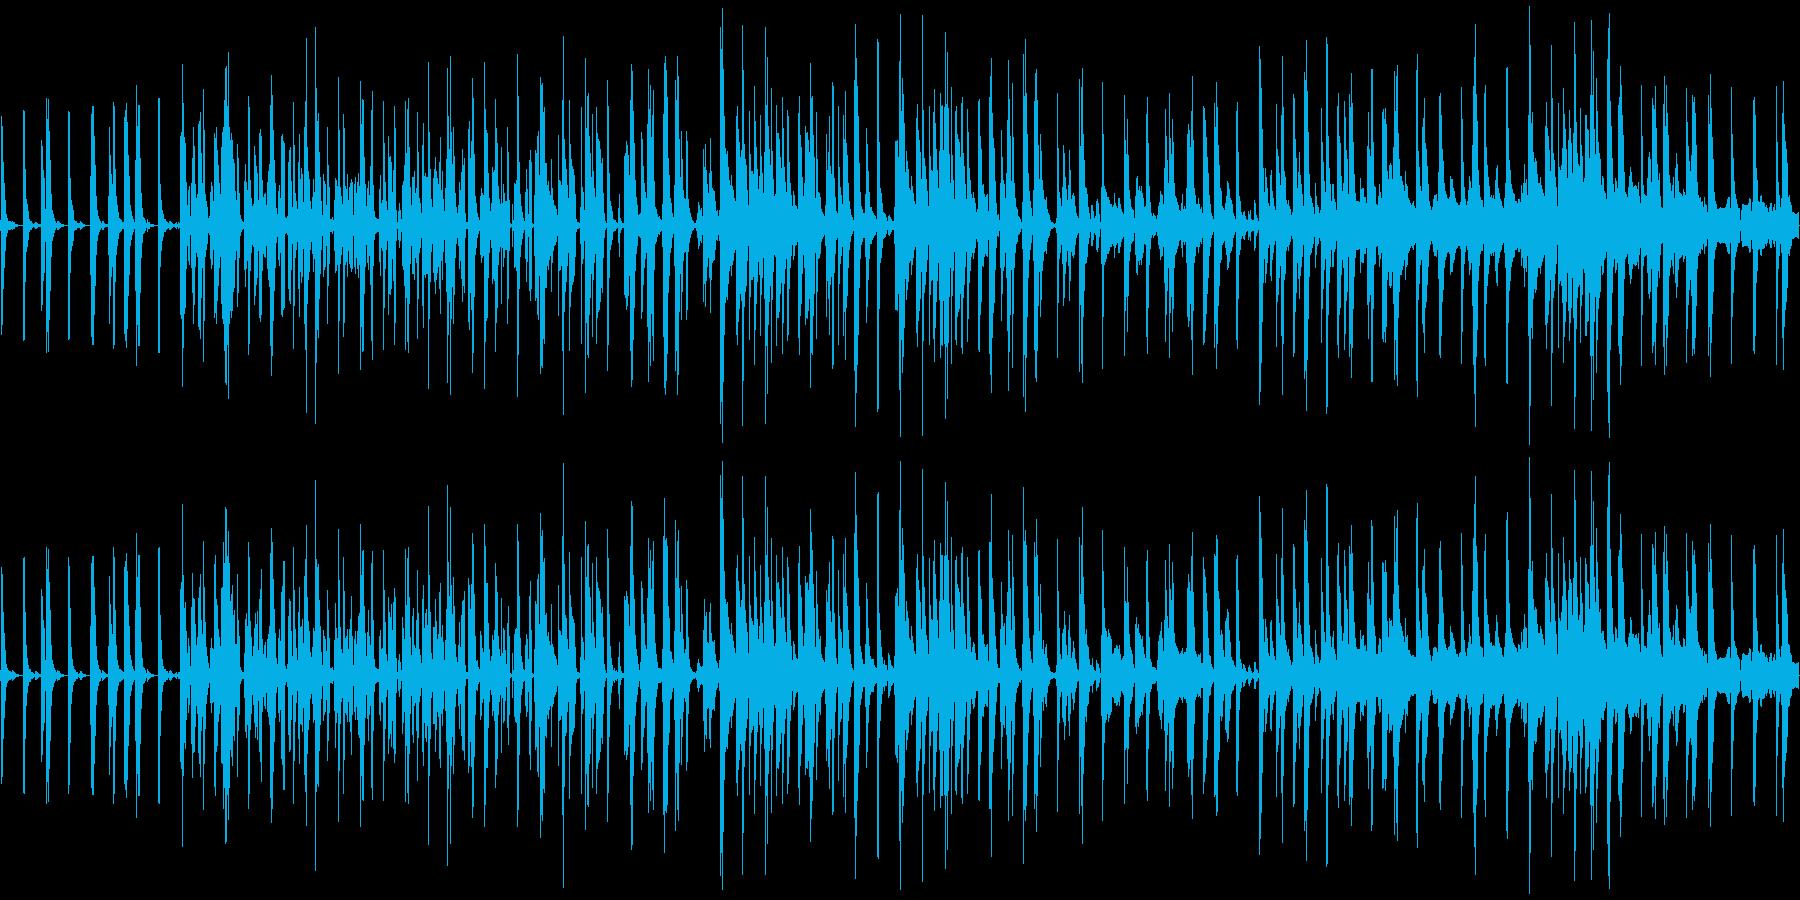 和風なBGMの再生済みの波形